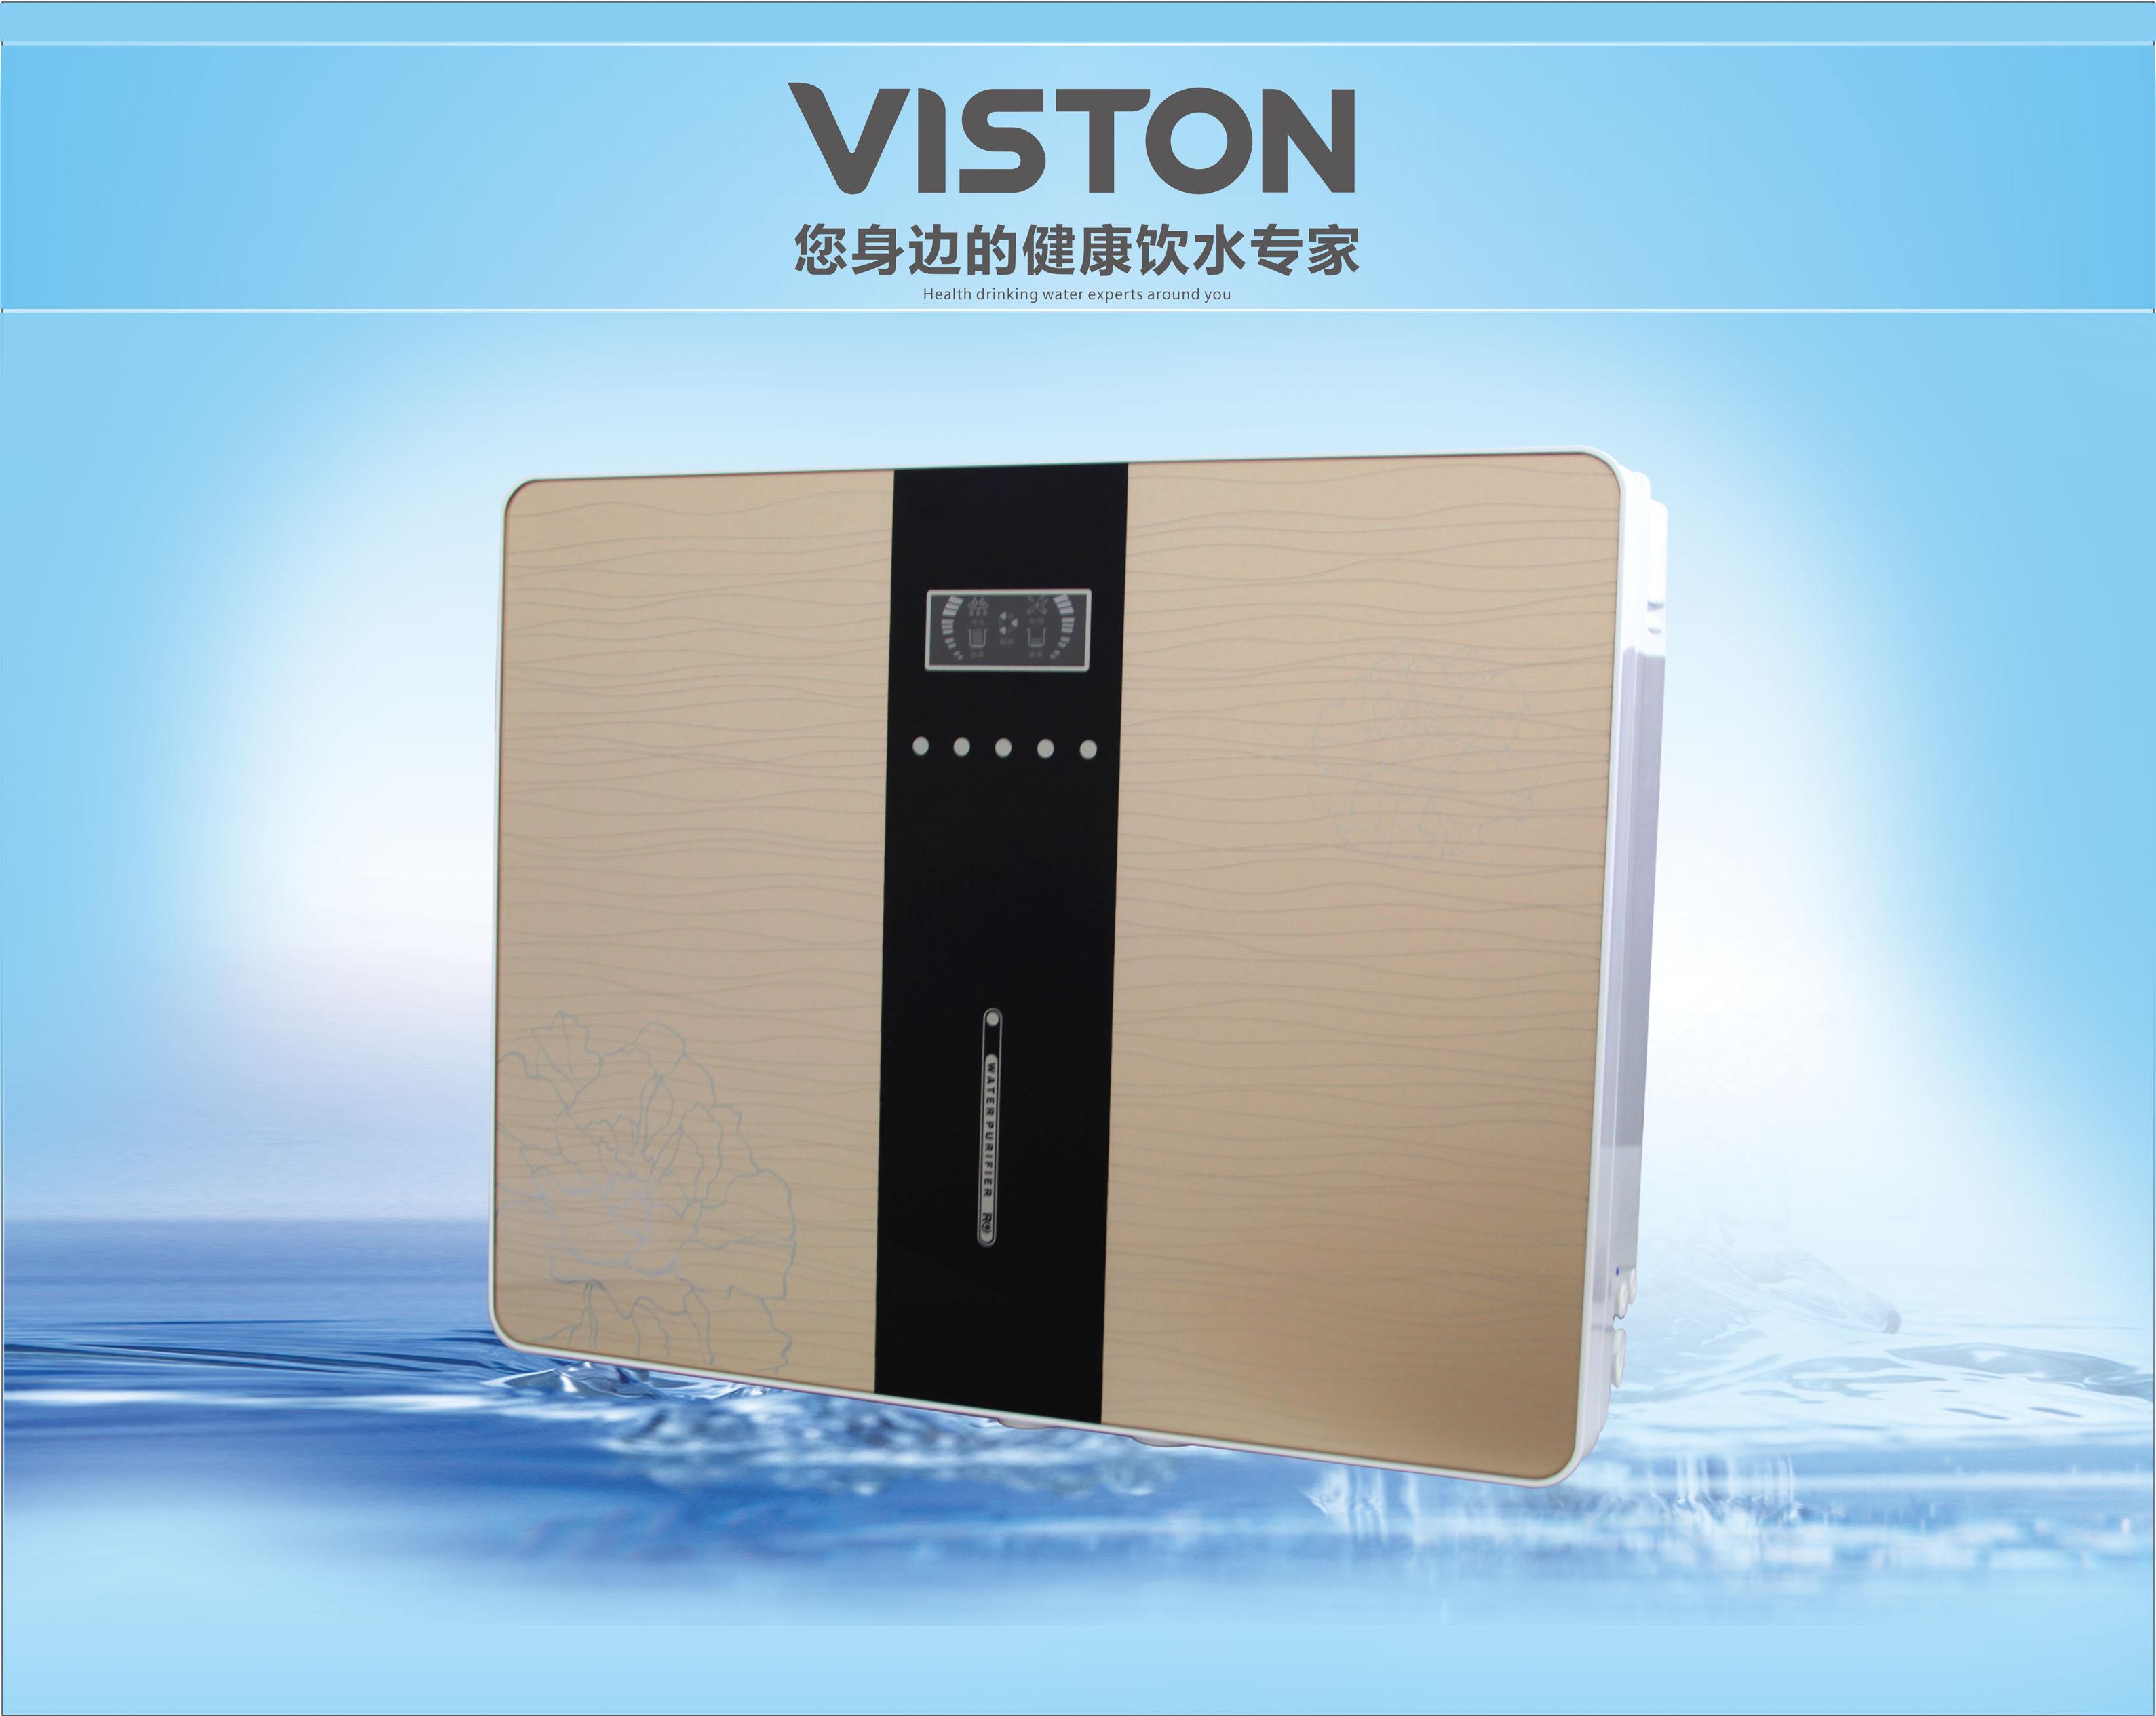 家用纯水机VST-RO75-0051C